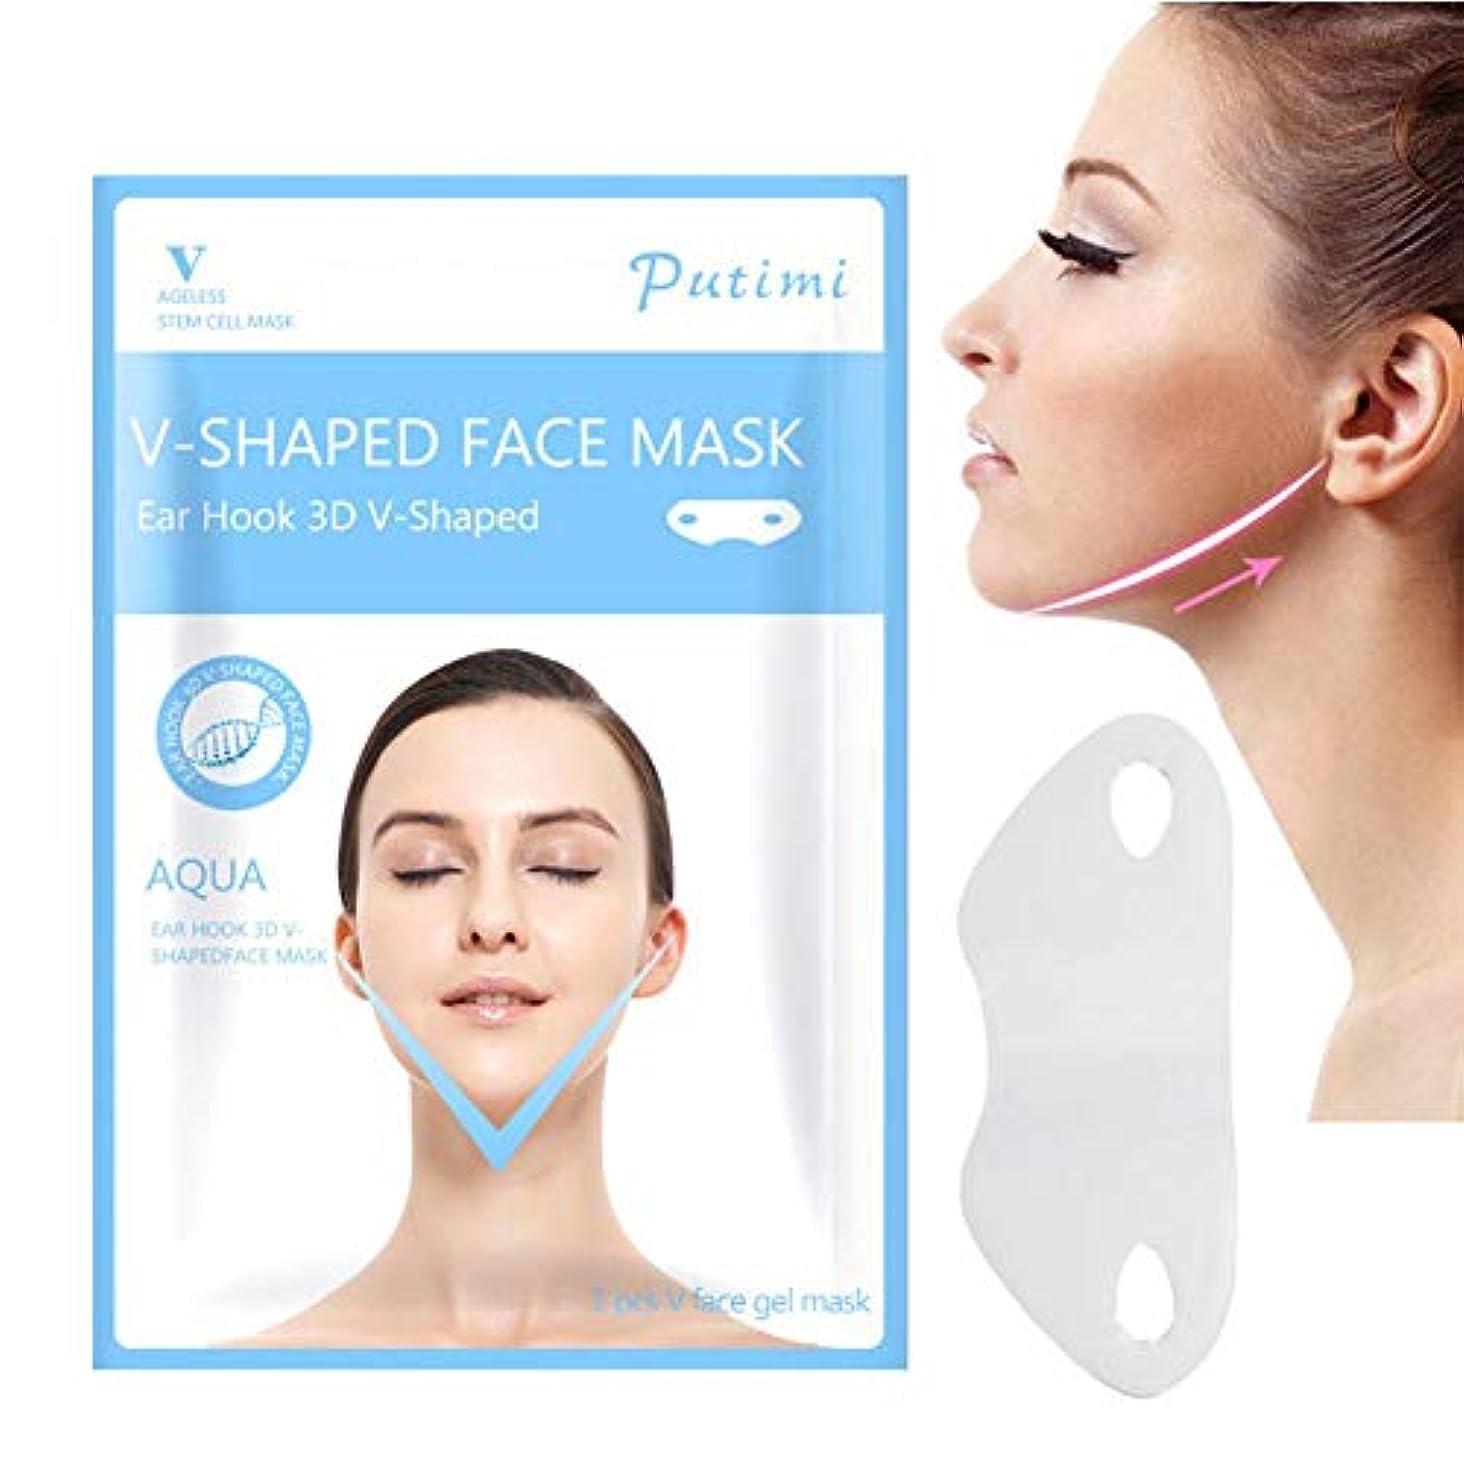 チャートペインギリック知覚的SILUN 最新型 Vフェイシャルマスク フェイスマスク 小顔 マスク フェイスラインベルト 美顔 顔痩せ 保湿 血行を促進する 睡眠マスク